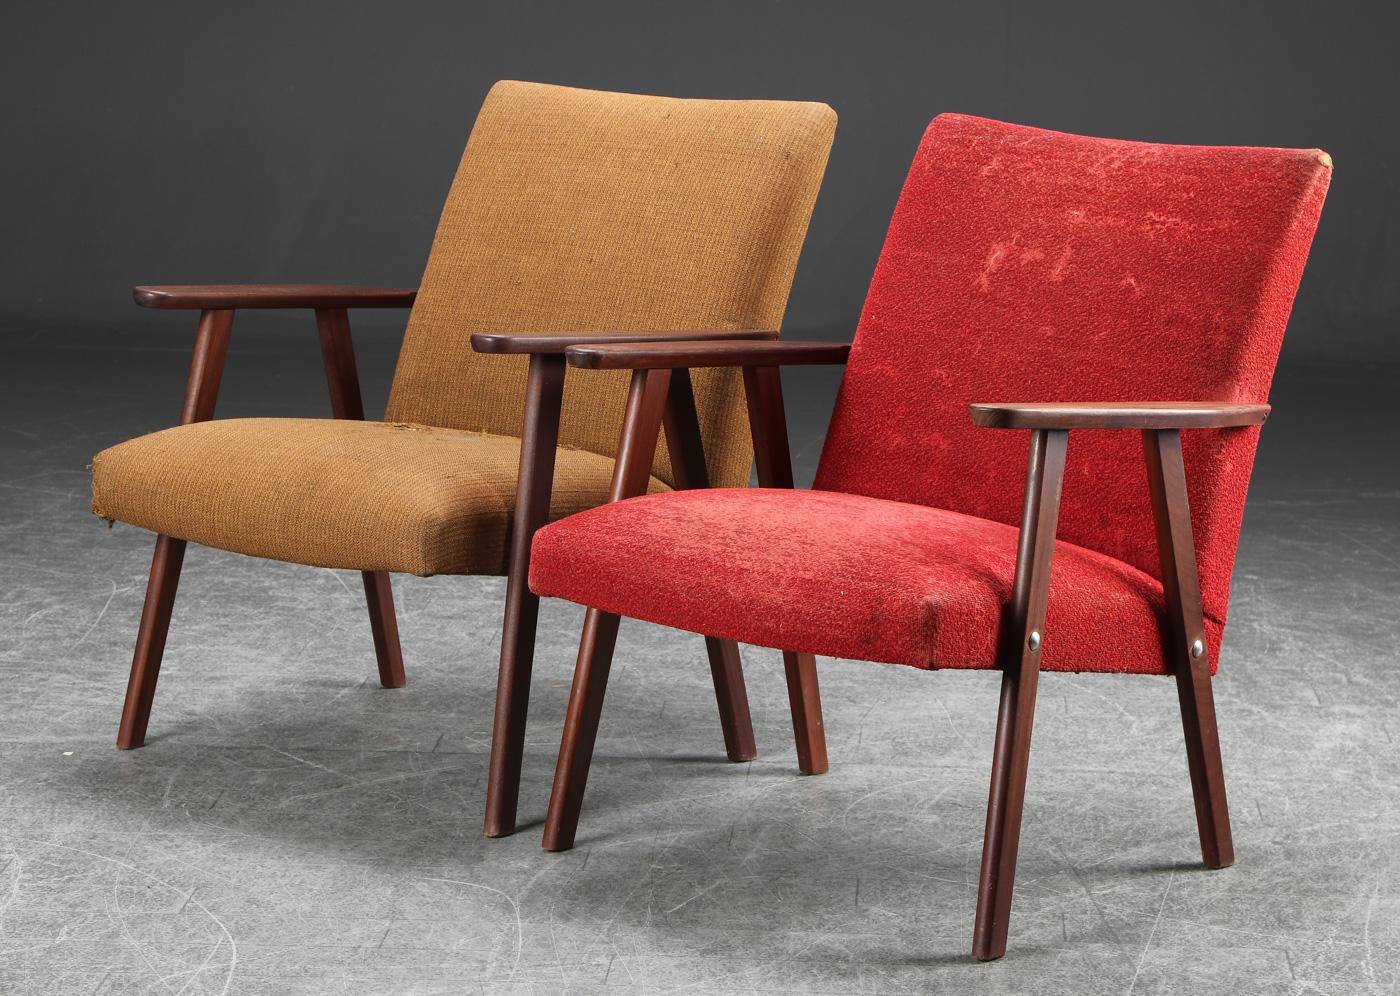 Par lænestole af teaktræ, dansk møbelproducent - Par lænestole af massiv teaktræ, betrukket med møbelstof, H. 78 B. 66 sædehøjde 44 cm. Dansk møbelproducent. Fremstår med brugsspor; betræk med slitage og huller, ene stol med let løshed i stel